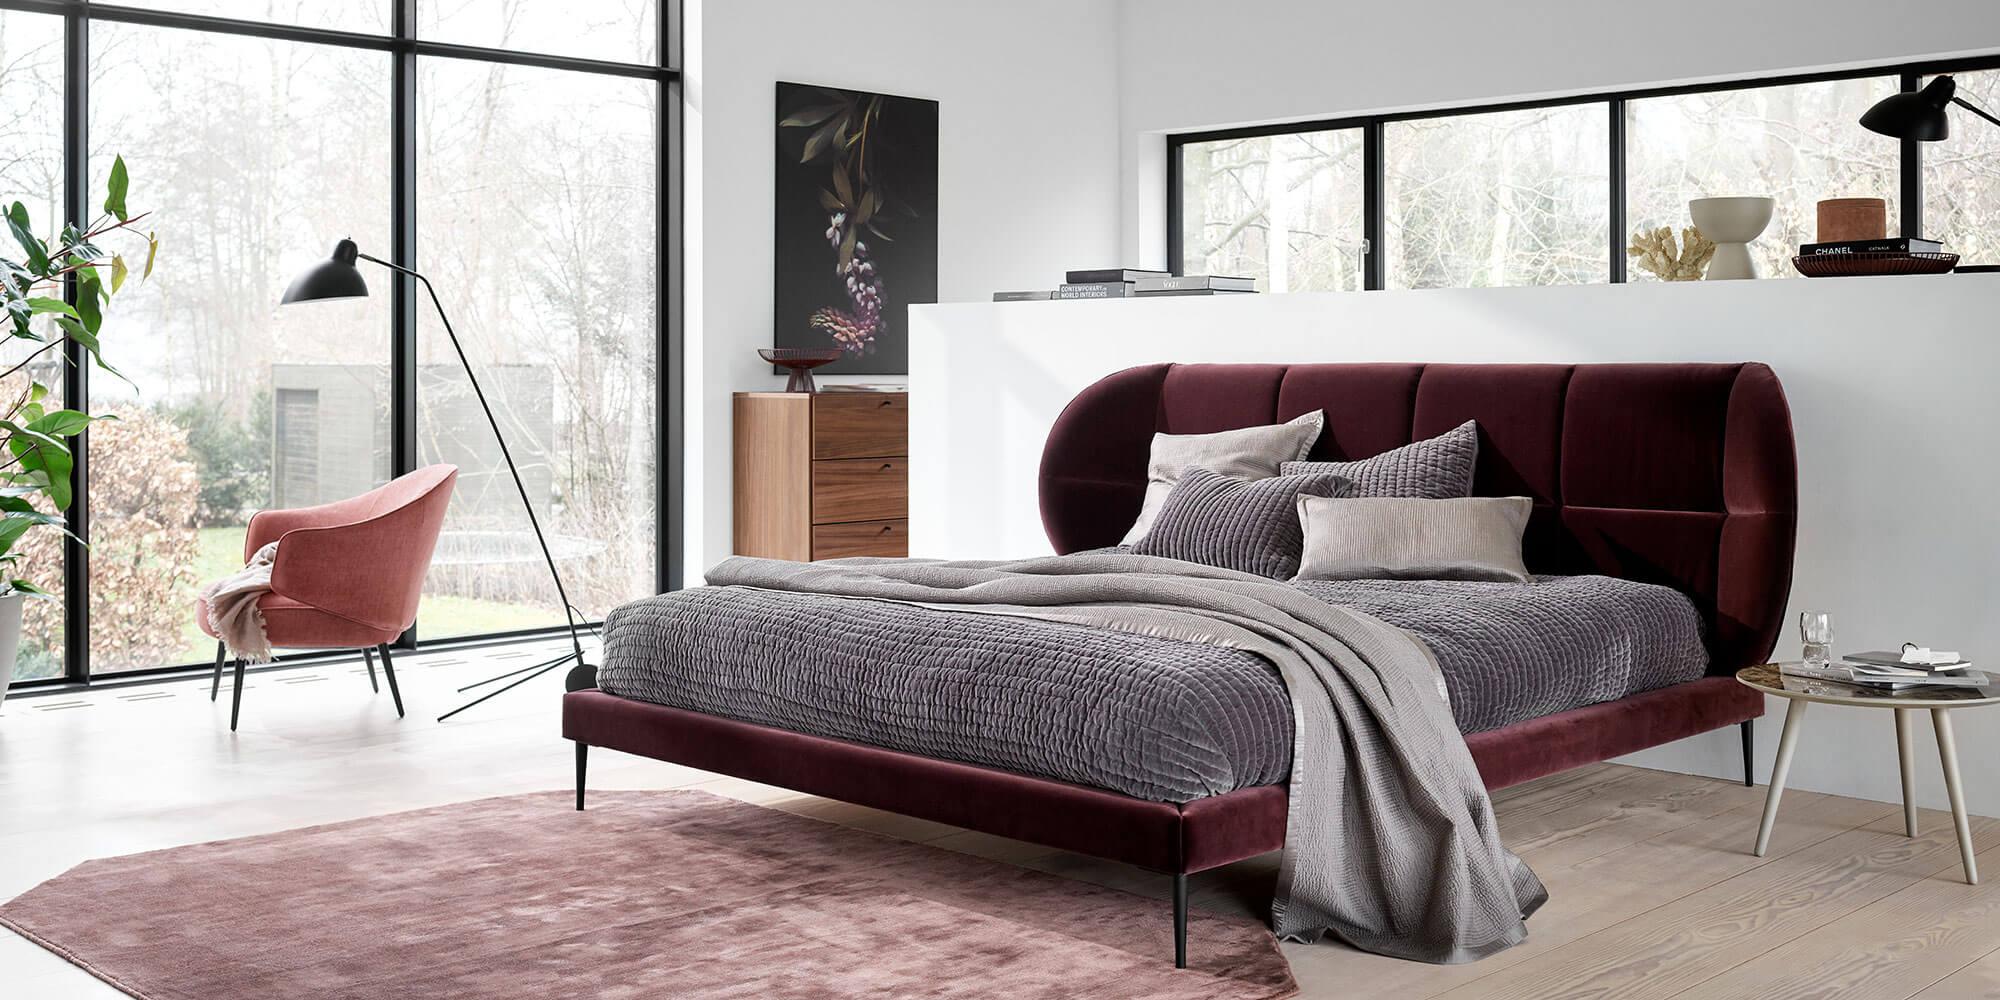 Sensual Bedroom Look Design By Boconcept